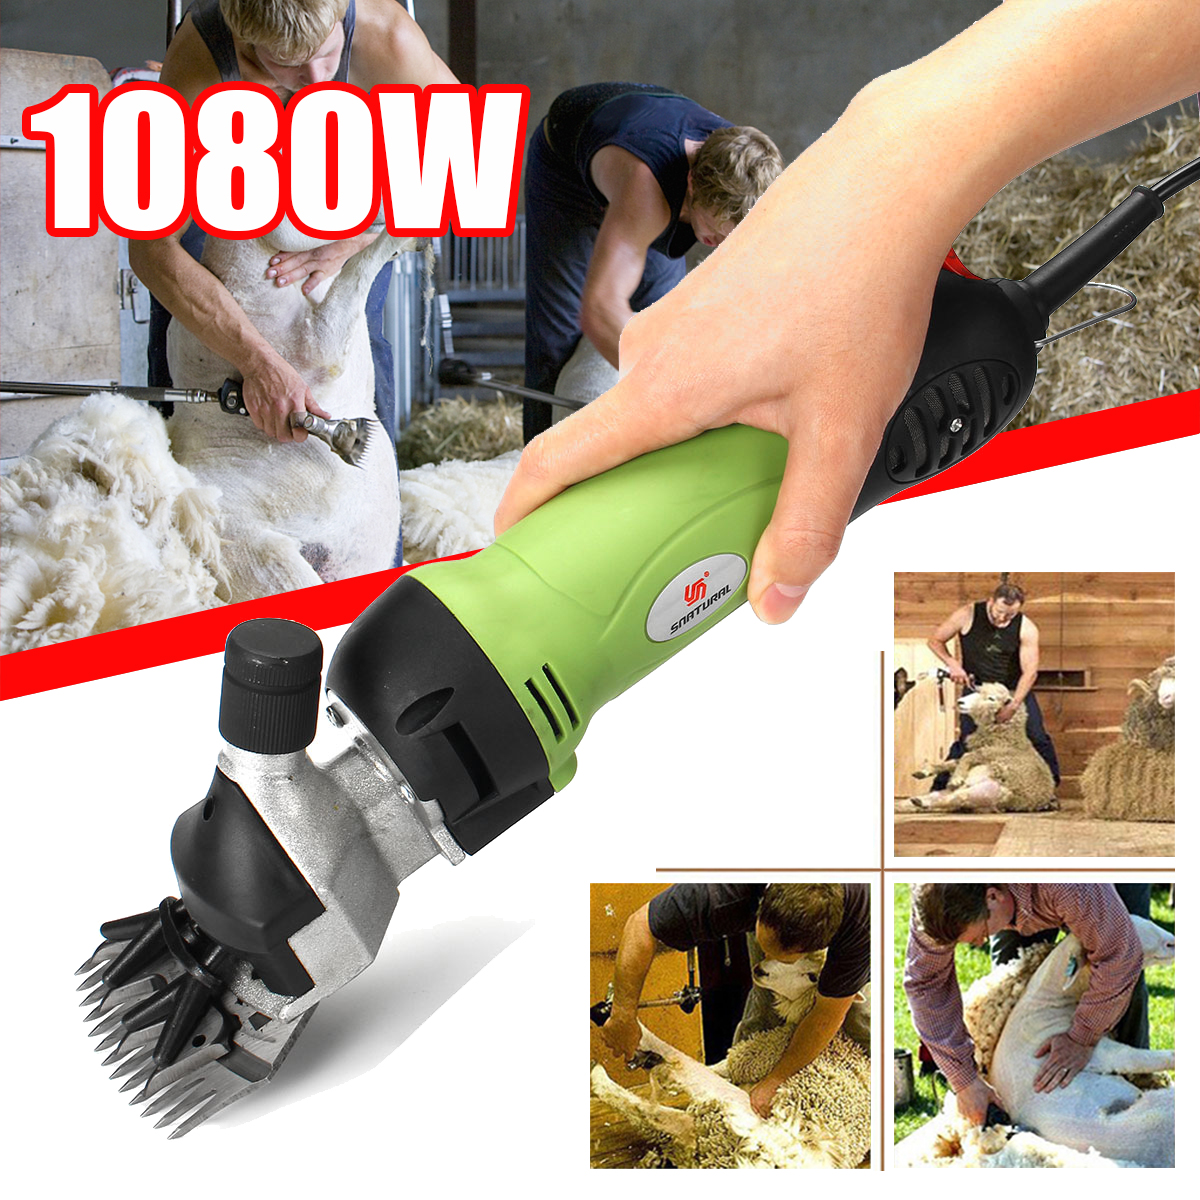 220 V 1080 W Elétrica Shearing Suprimentos Clipper Cisalhamento Caprinos Ovinos Tesouras Animal Cortador de Máquina de Corte De Cabelo Tesoura De Lã de Alpaca